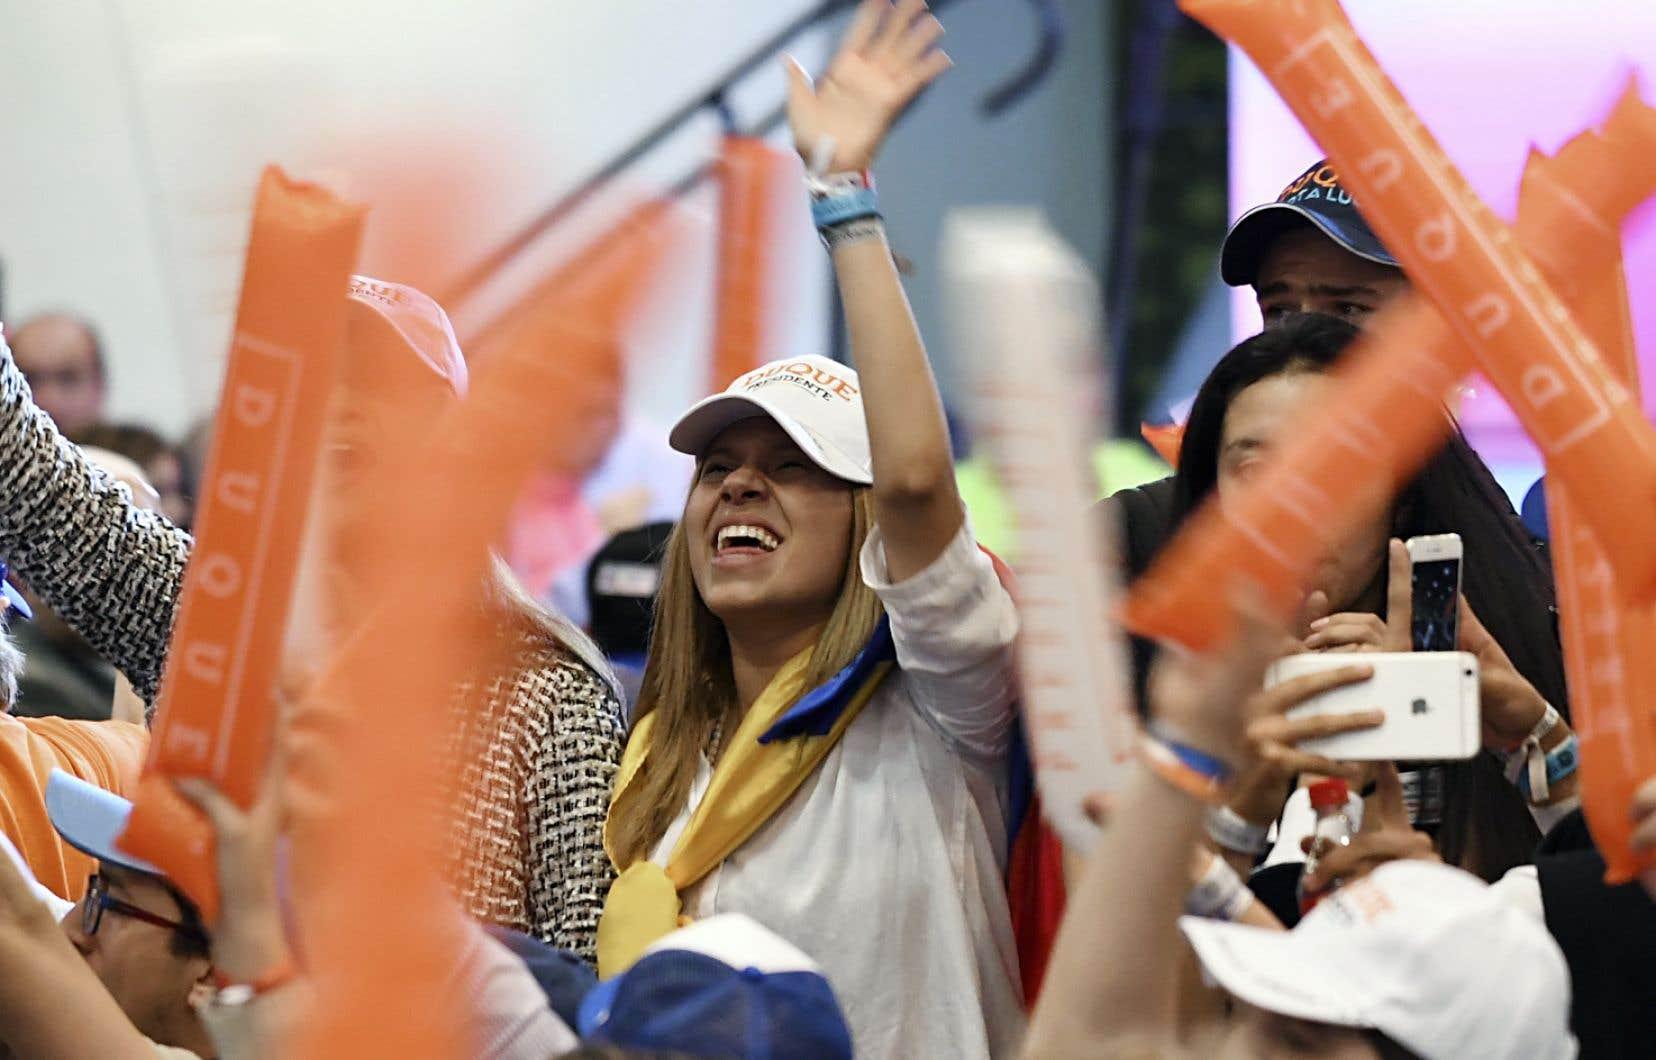 Les partisans du candidat de droite, Iván Duque, étaient rassemblés dans les quartiers généraux de Bogotá de son parti, le Centre démocratique.